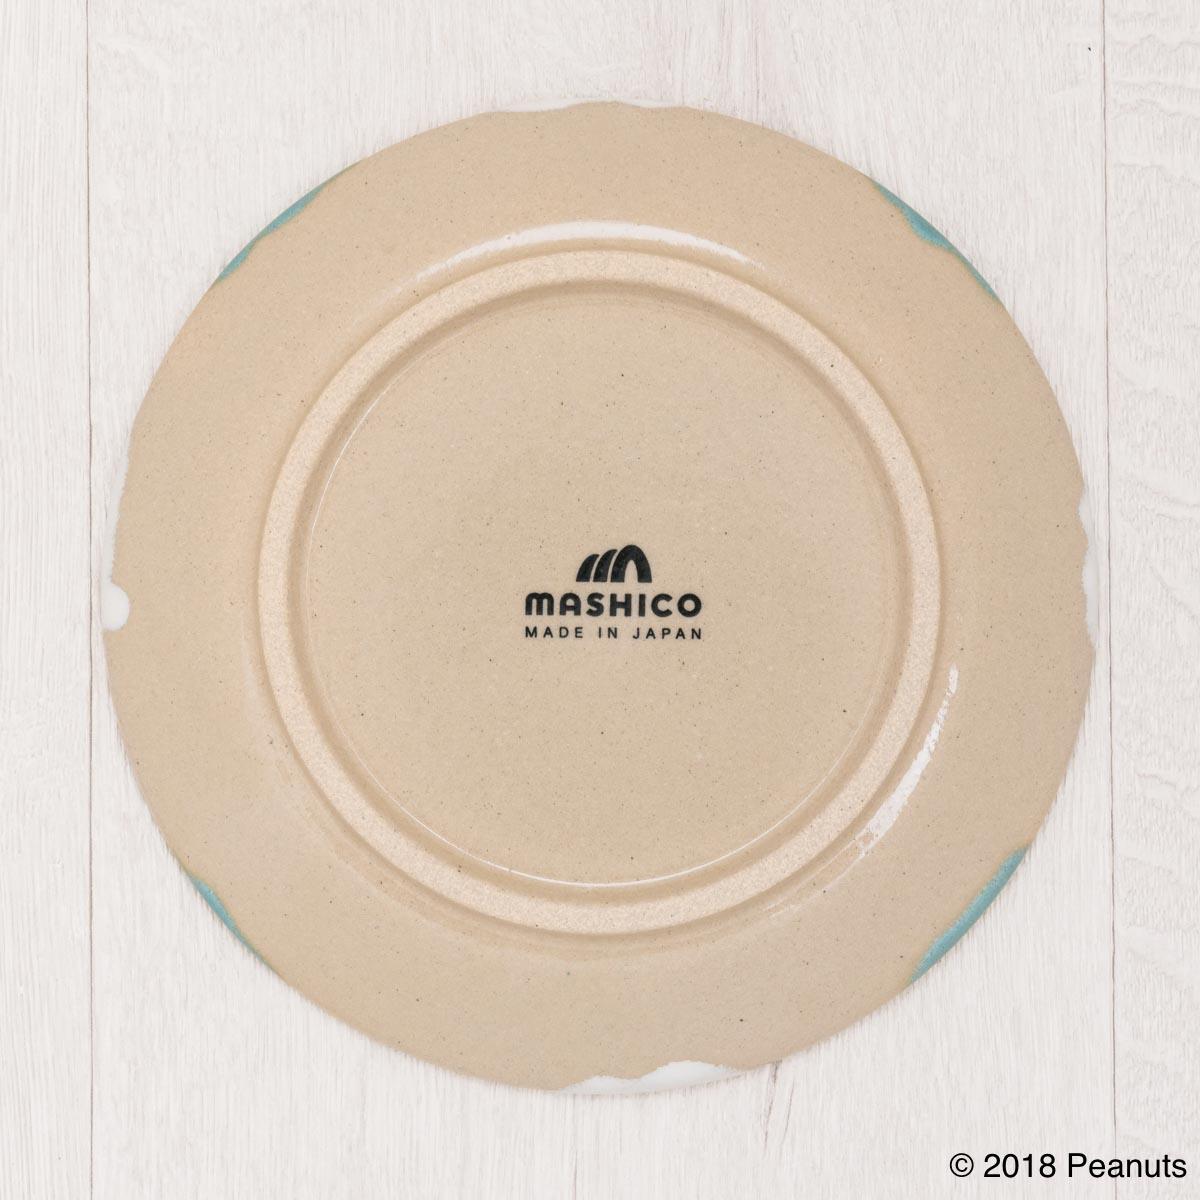 MASHICO プレート17cm PEANUTS [Surf's Up] ライトブルー/ホワイト